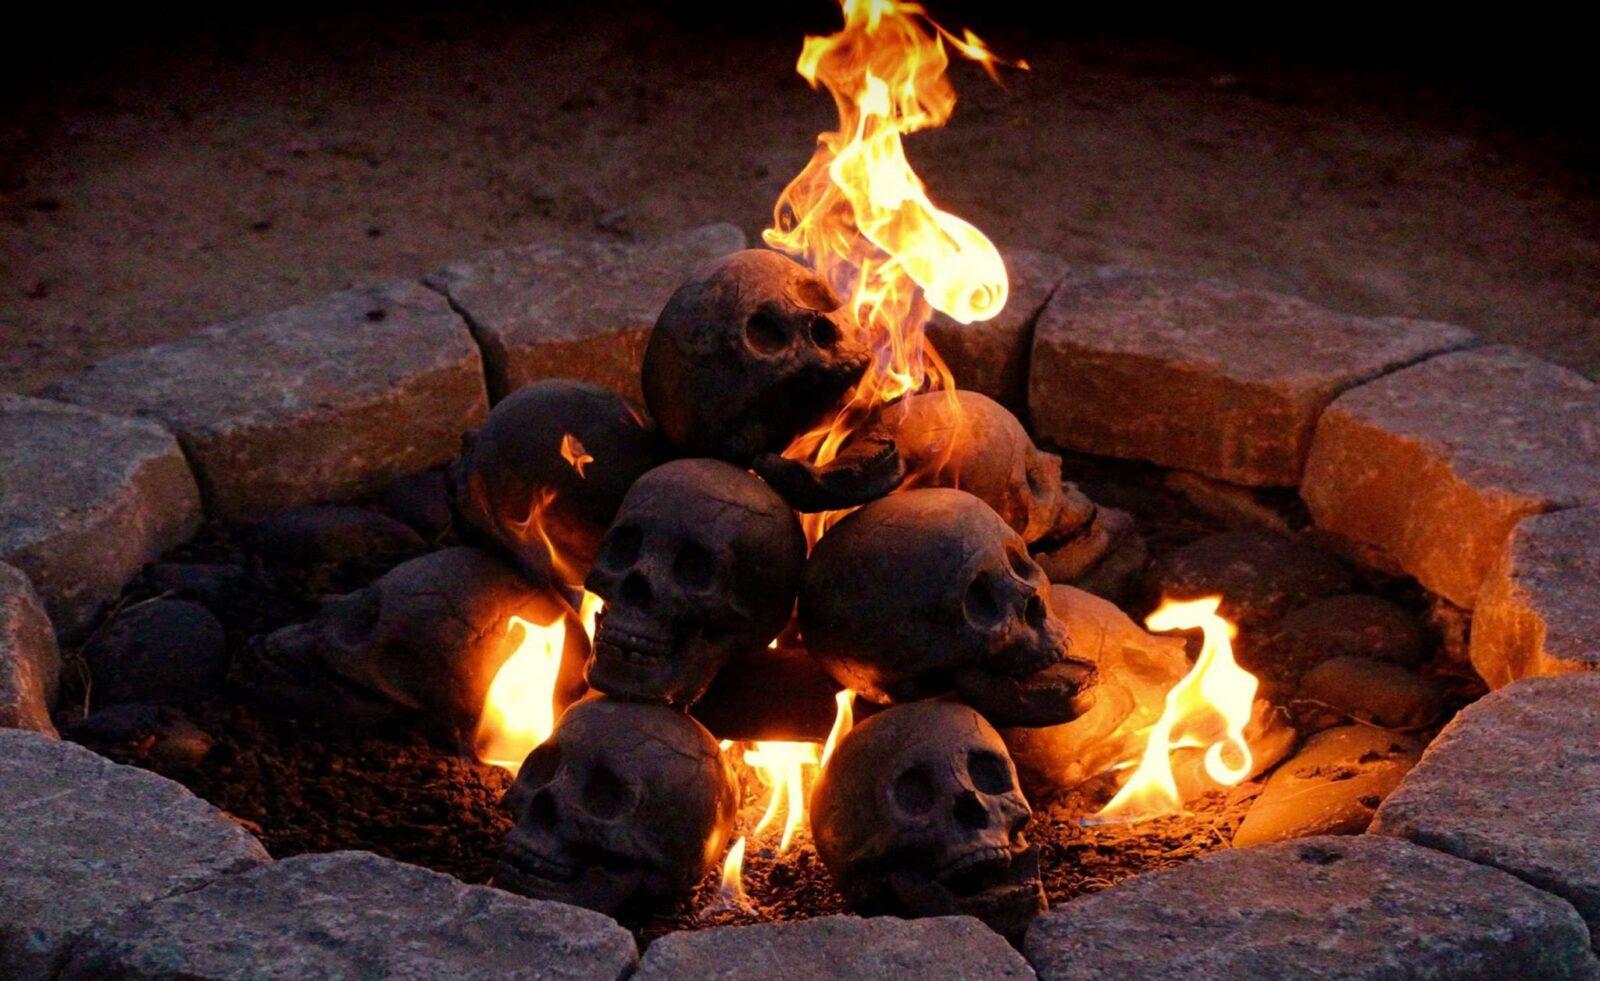 Skull Fire Logs 1600x981 - Skull Fire Logs